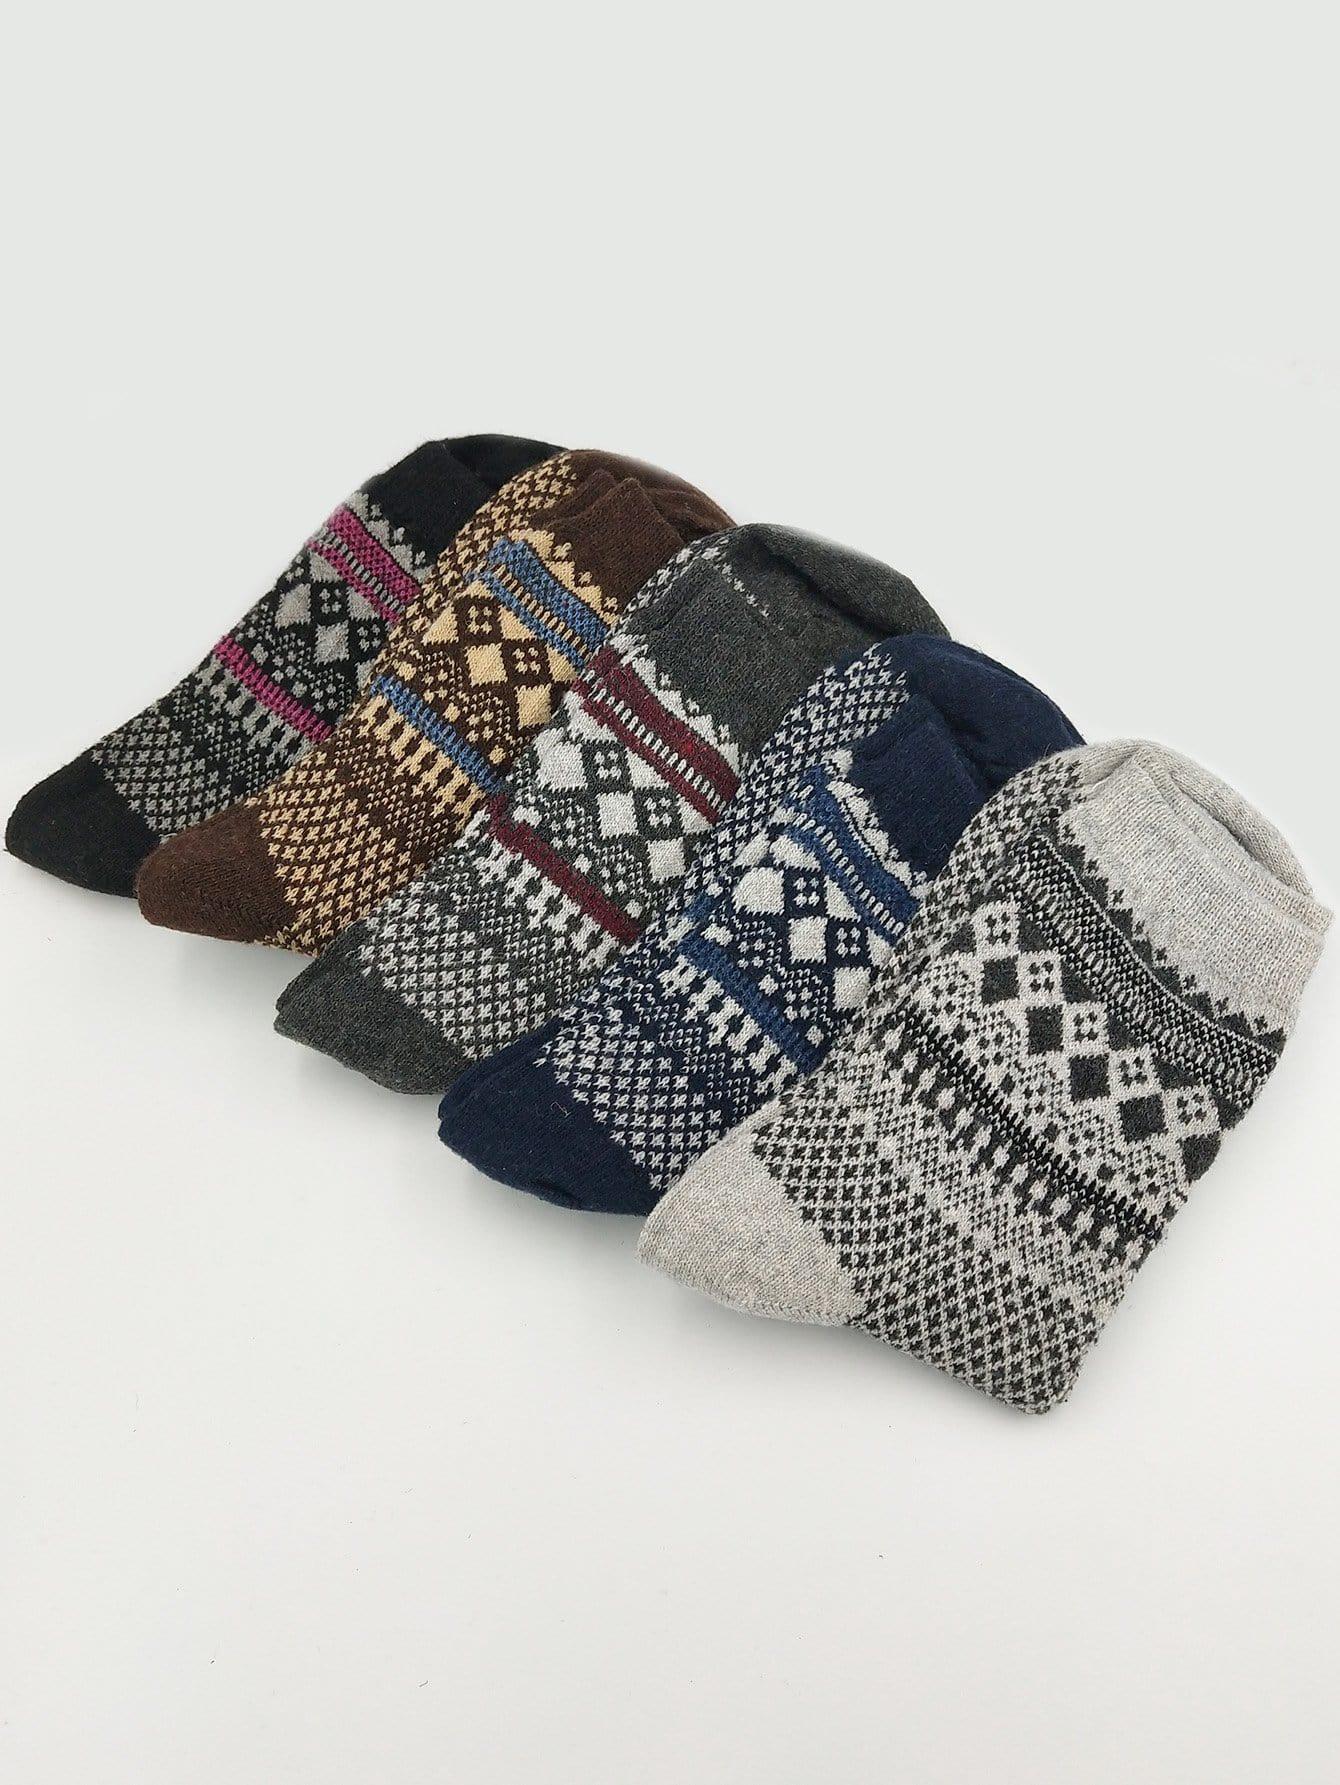 Männer Socken 5Paare mit Muster